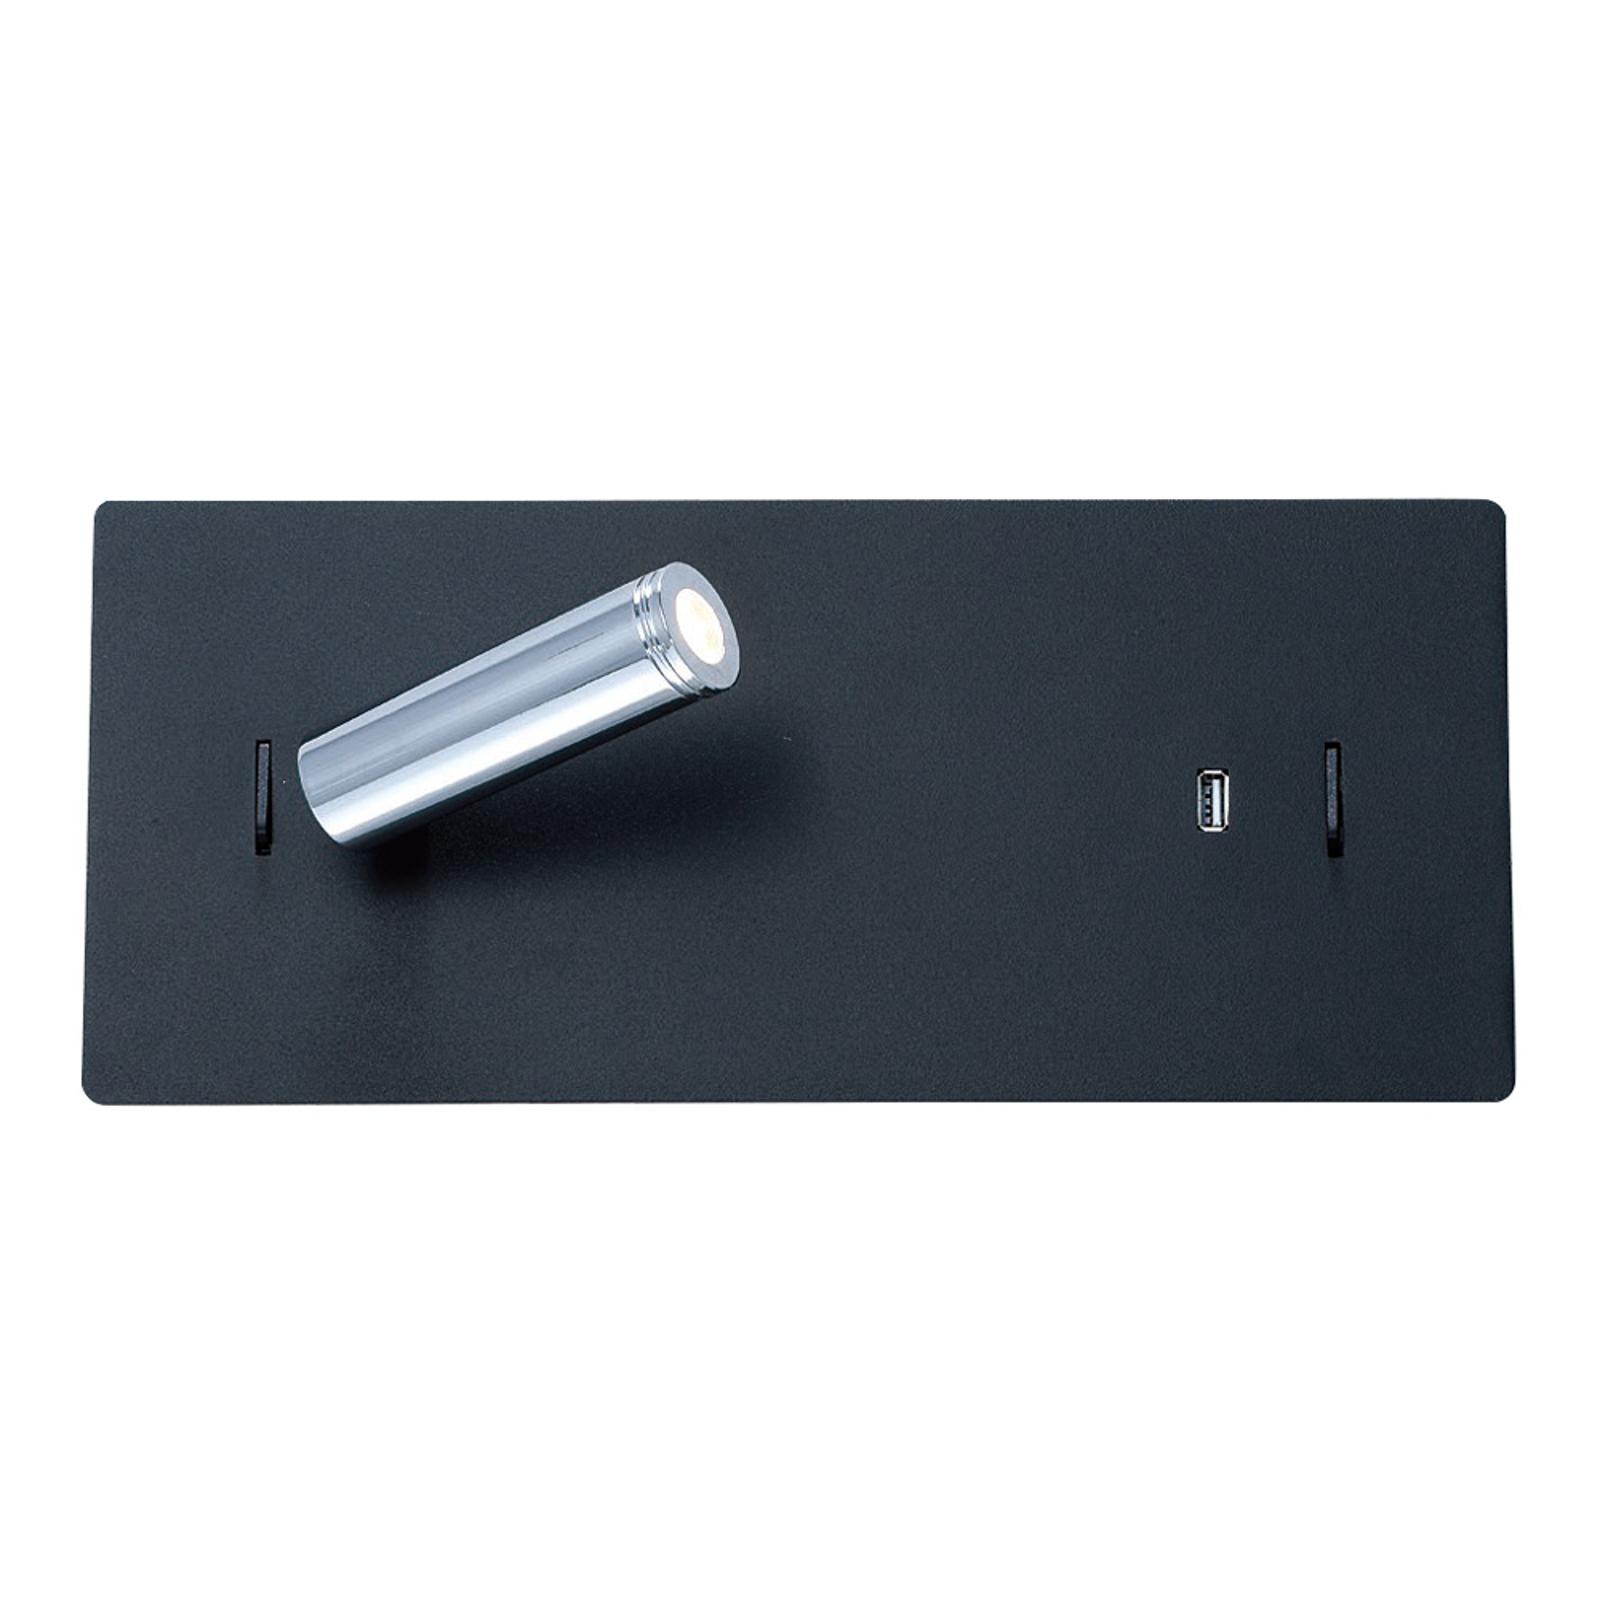 Lucande Kimo LED-vegglampe kantet svart, USB-spor